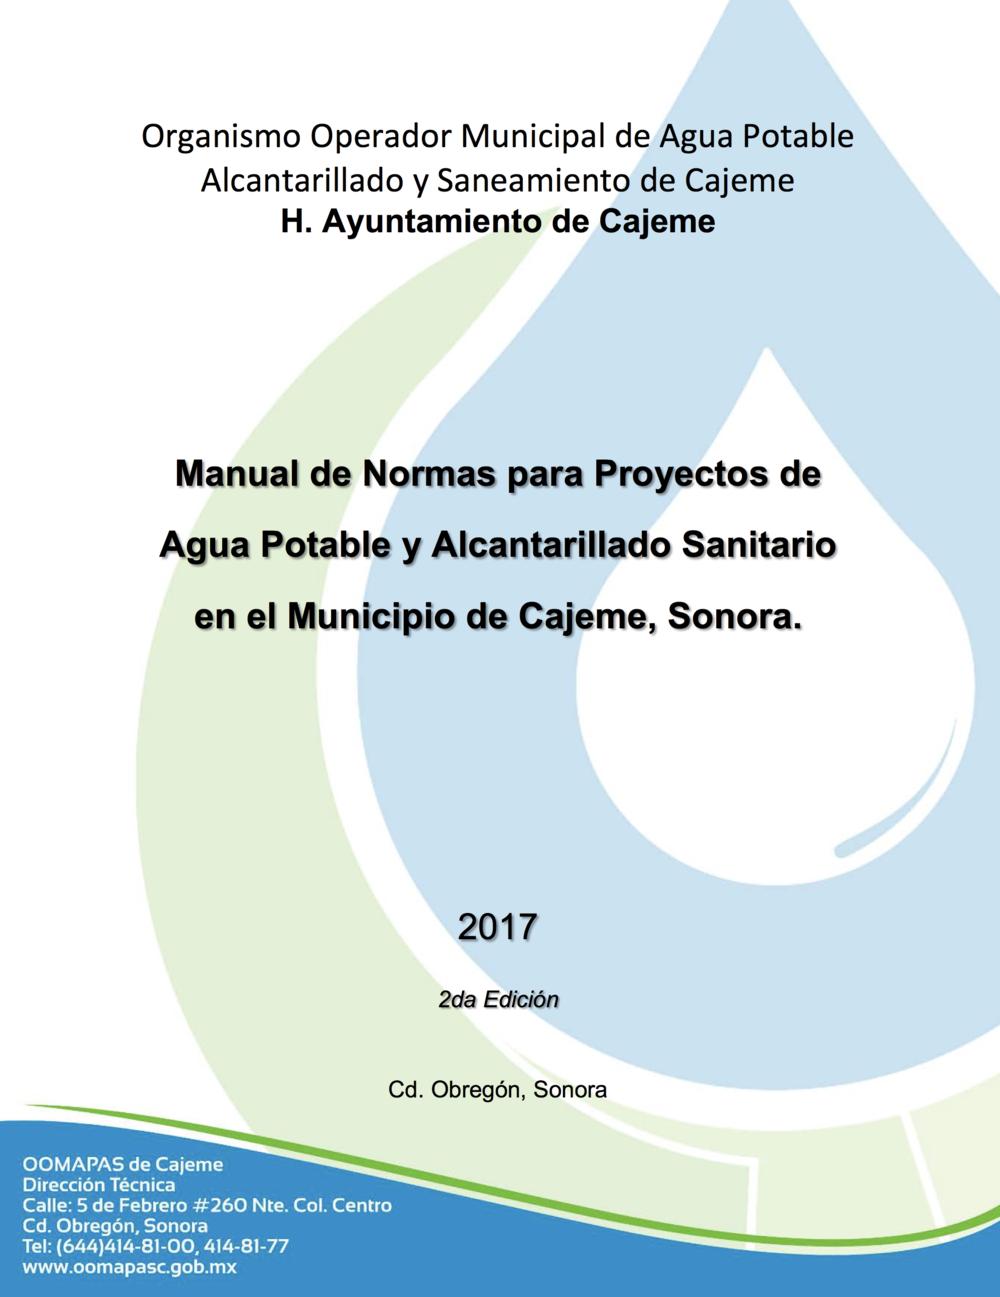 Manual de normas para proyectos de agua potable y alcantarillado sanitario en el municipio de cajeme